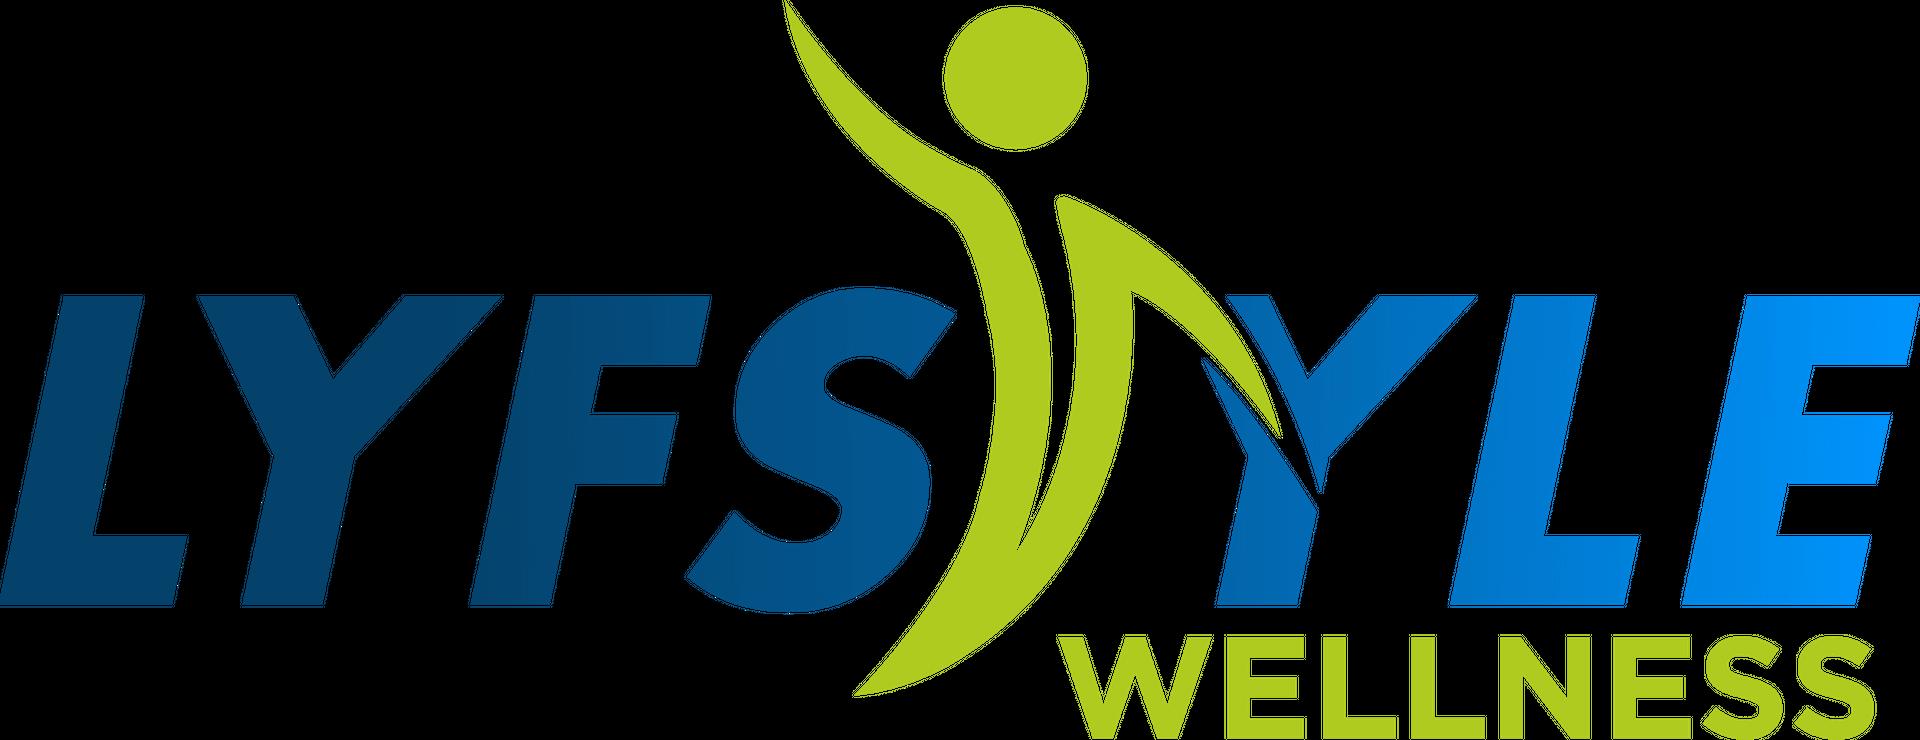 Lyfstyle Wellness Center